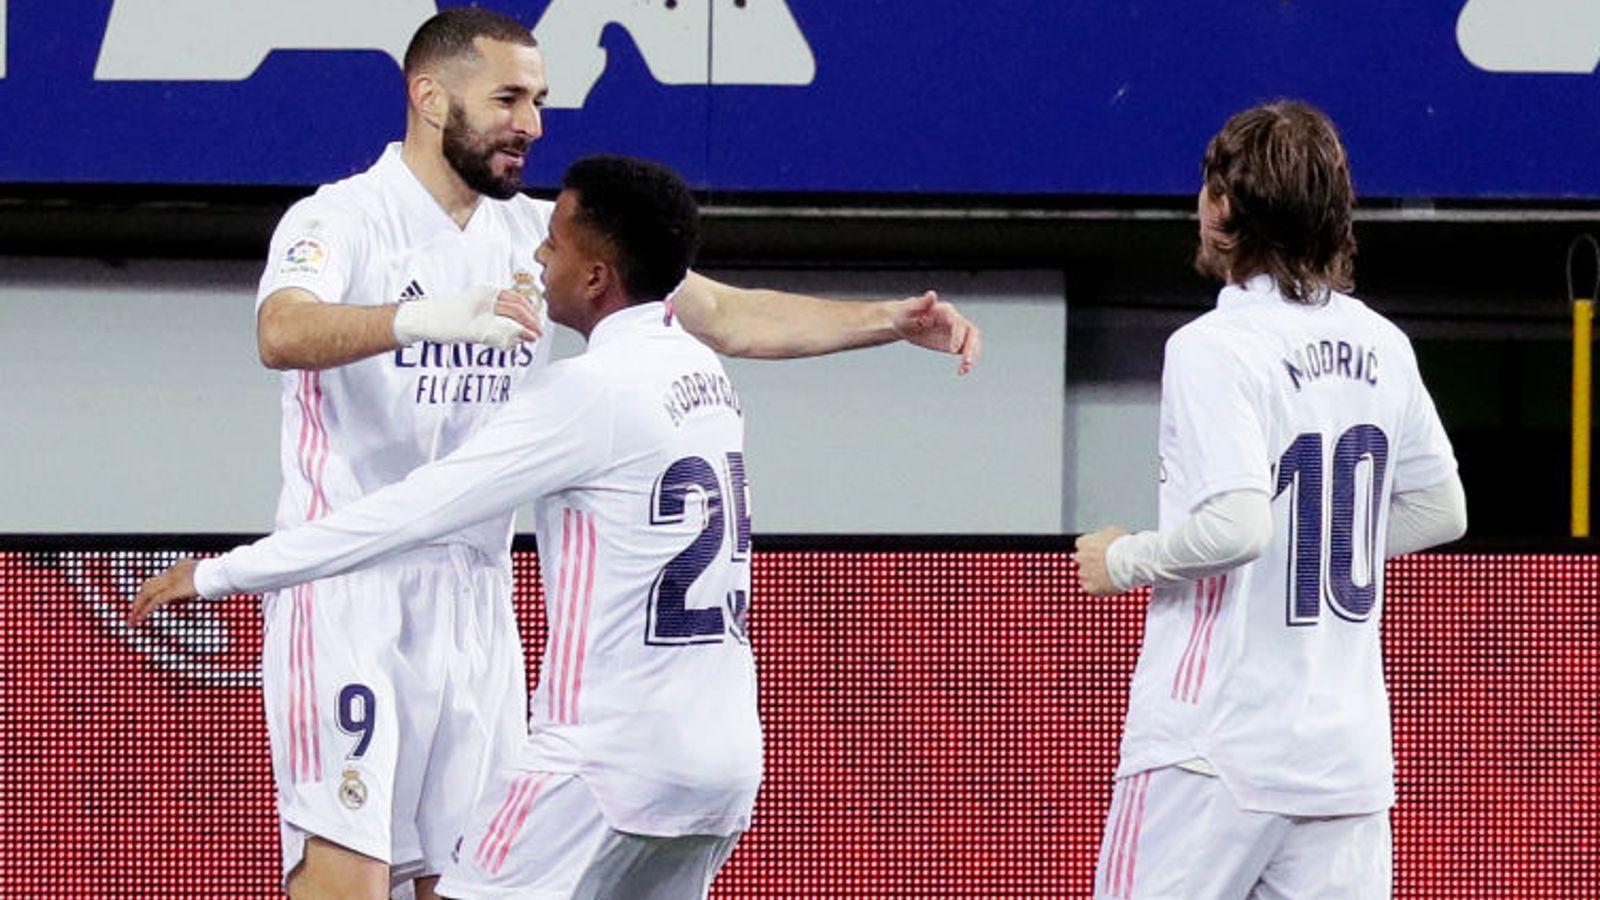 «Реал» переиграл «Эйбар». Феерический перфоманс Бензема. Обзор матча